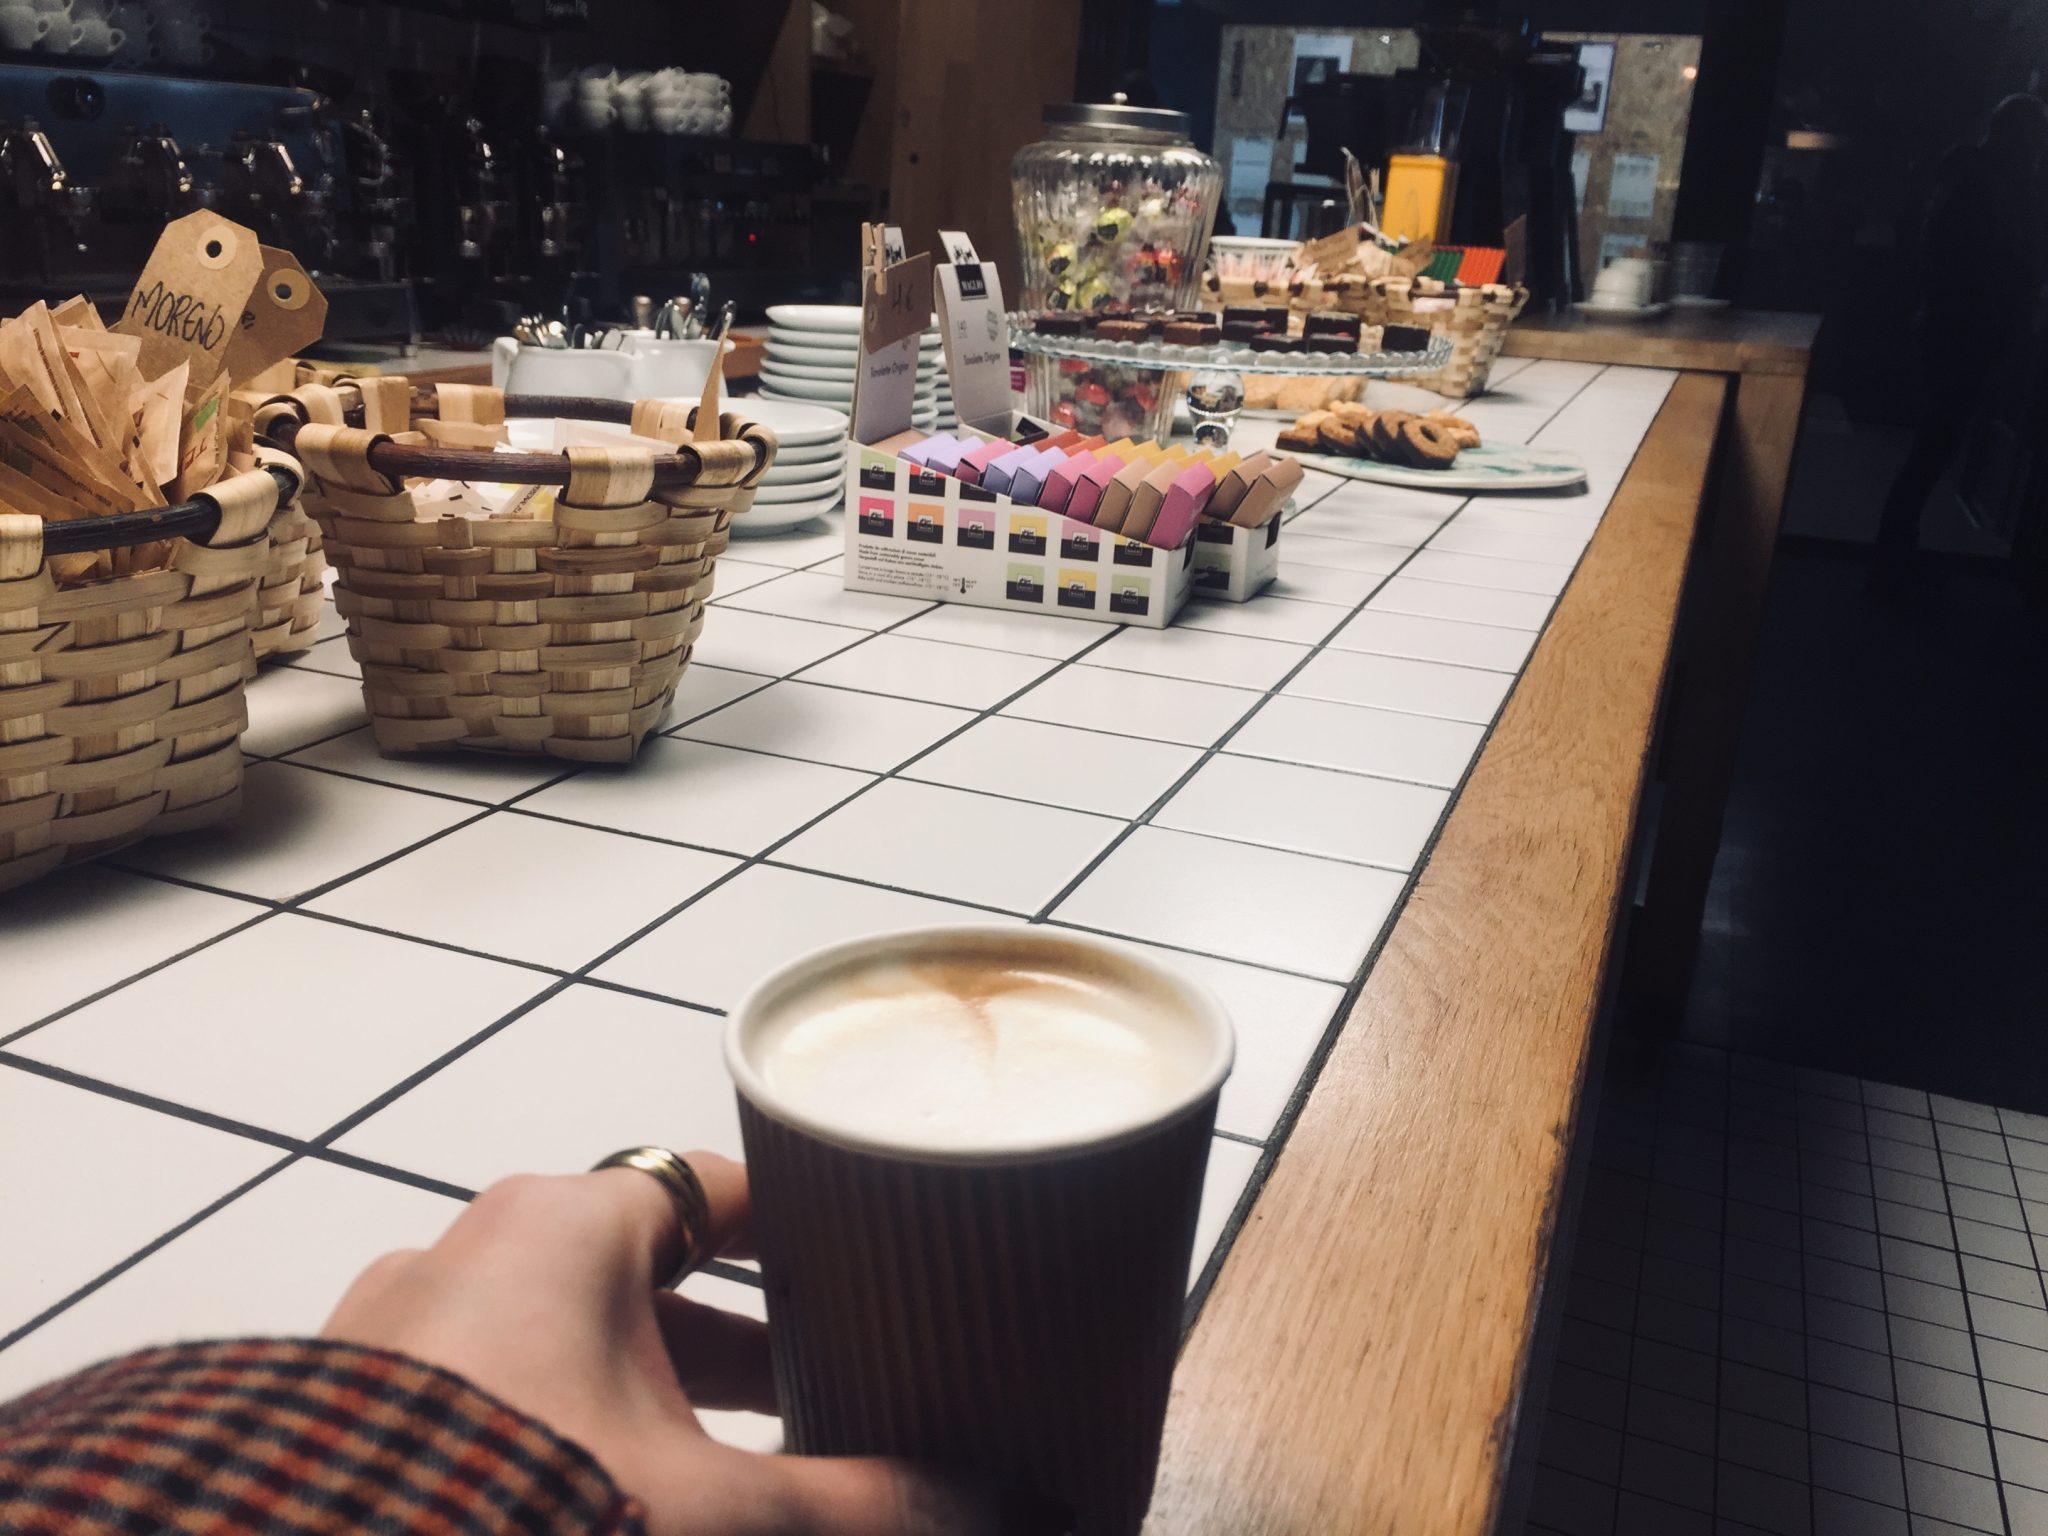 ラクンサ・サン・セバスティアン校近くのカフェ情報☕️